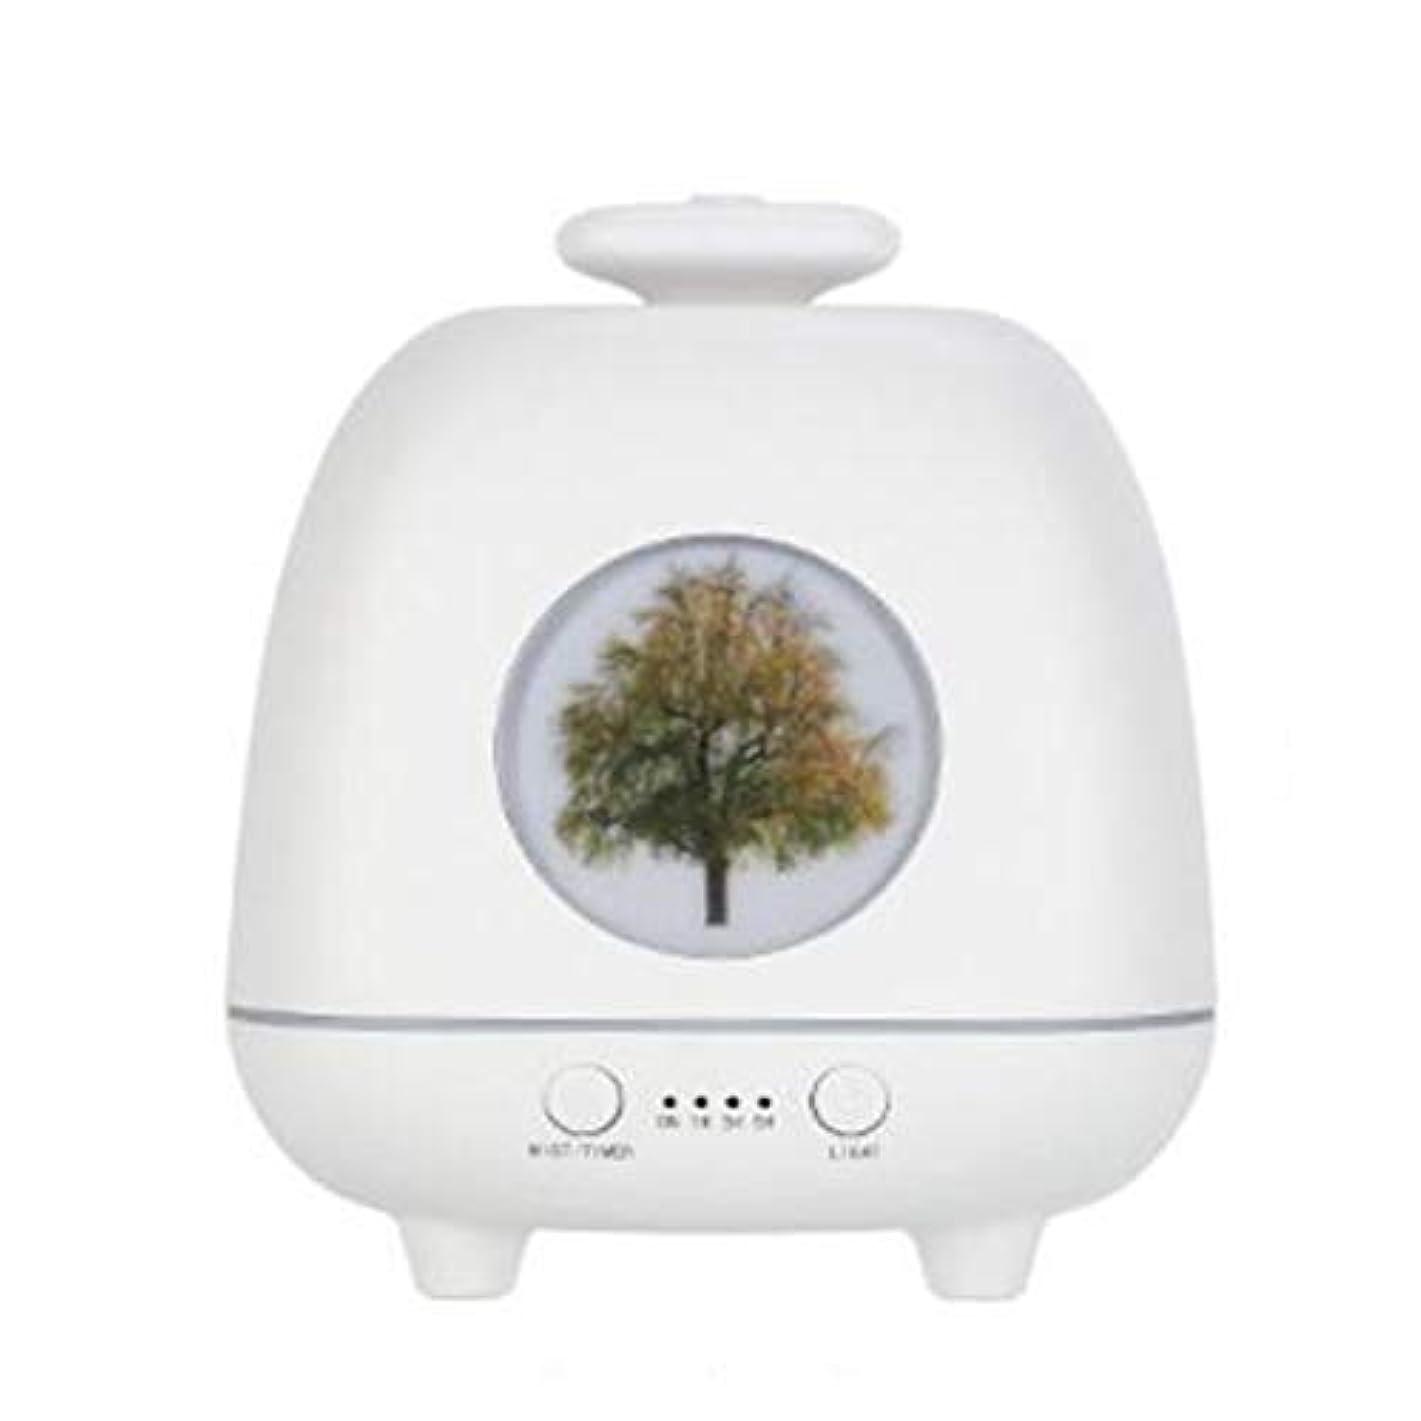 深める小さい露涼しい霧 香り 精油 ディフューザー,7 色 空気を浄化 4穴ノズル 加湿器 時間 加湿機 ホーム Yoga デスク オフィス ベッド- 230ml